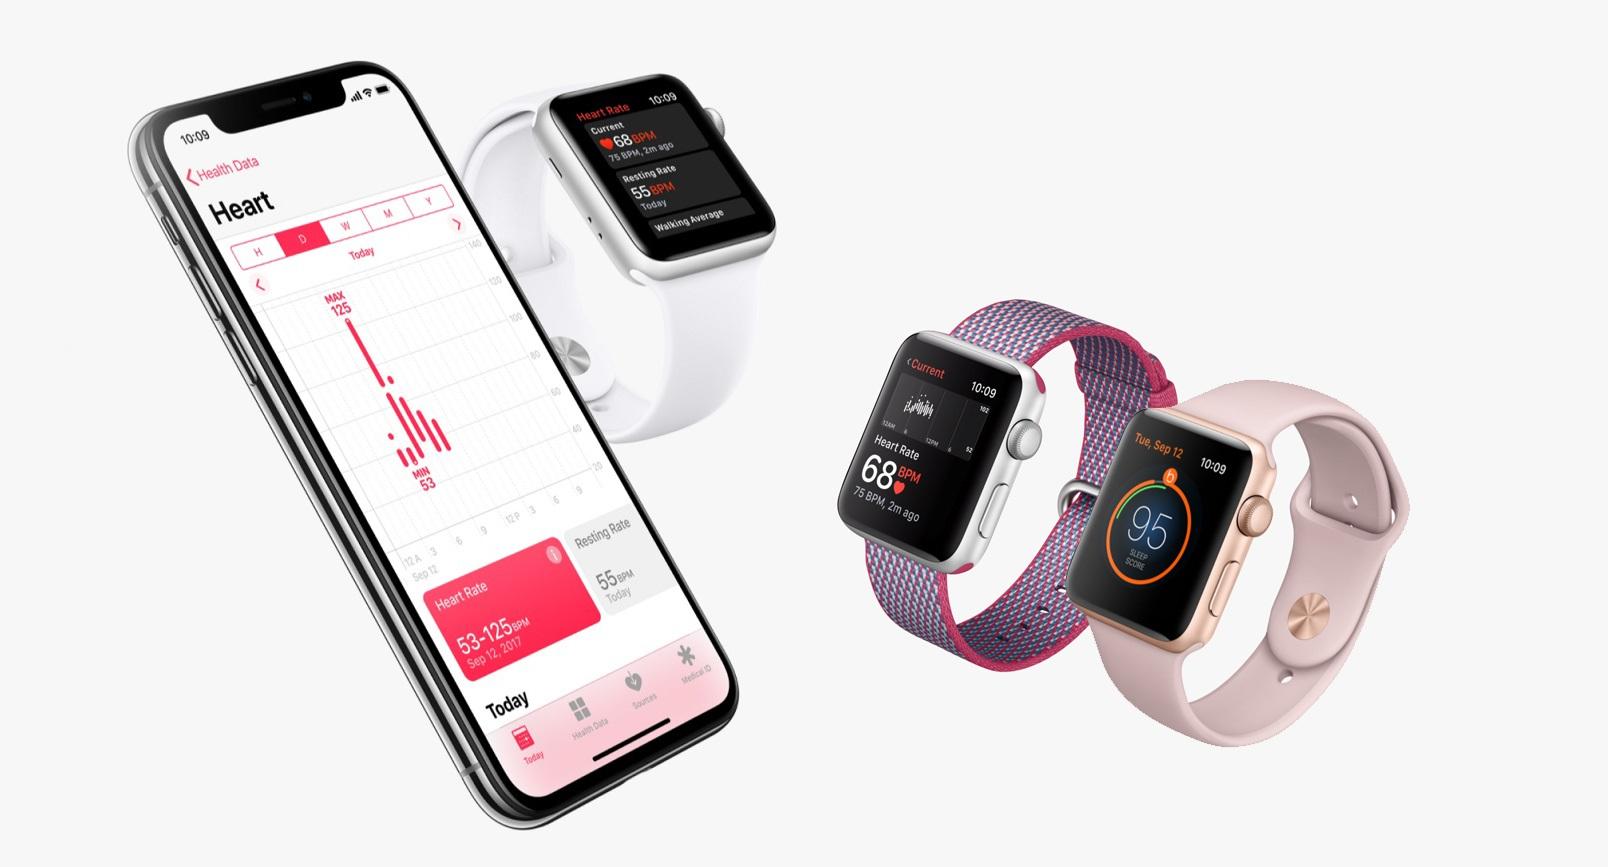 Apple Watch 3; iPhone X